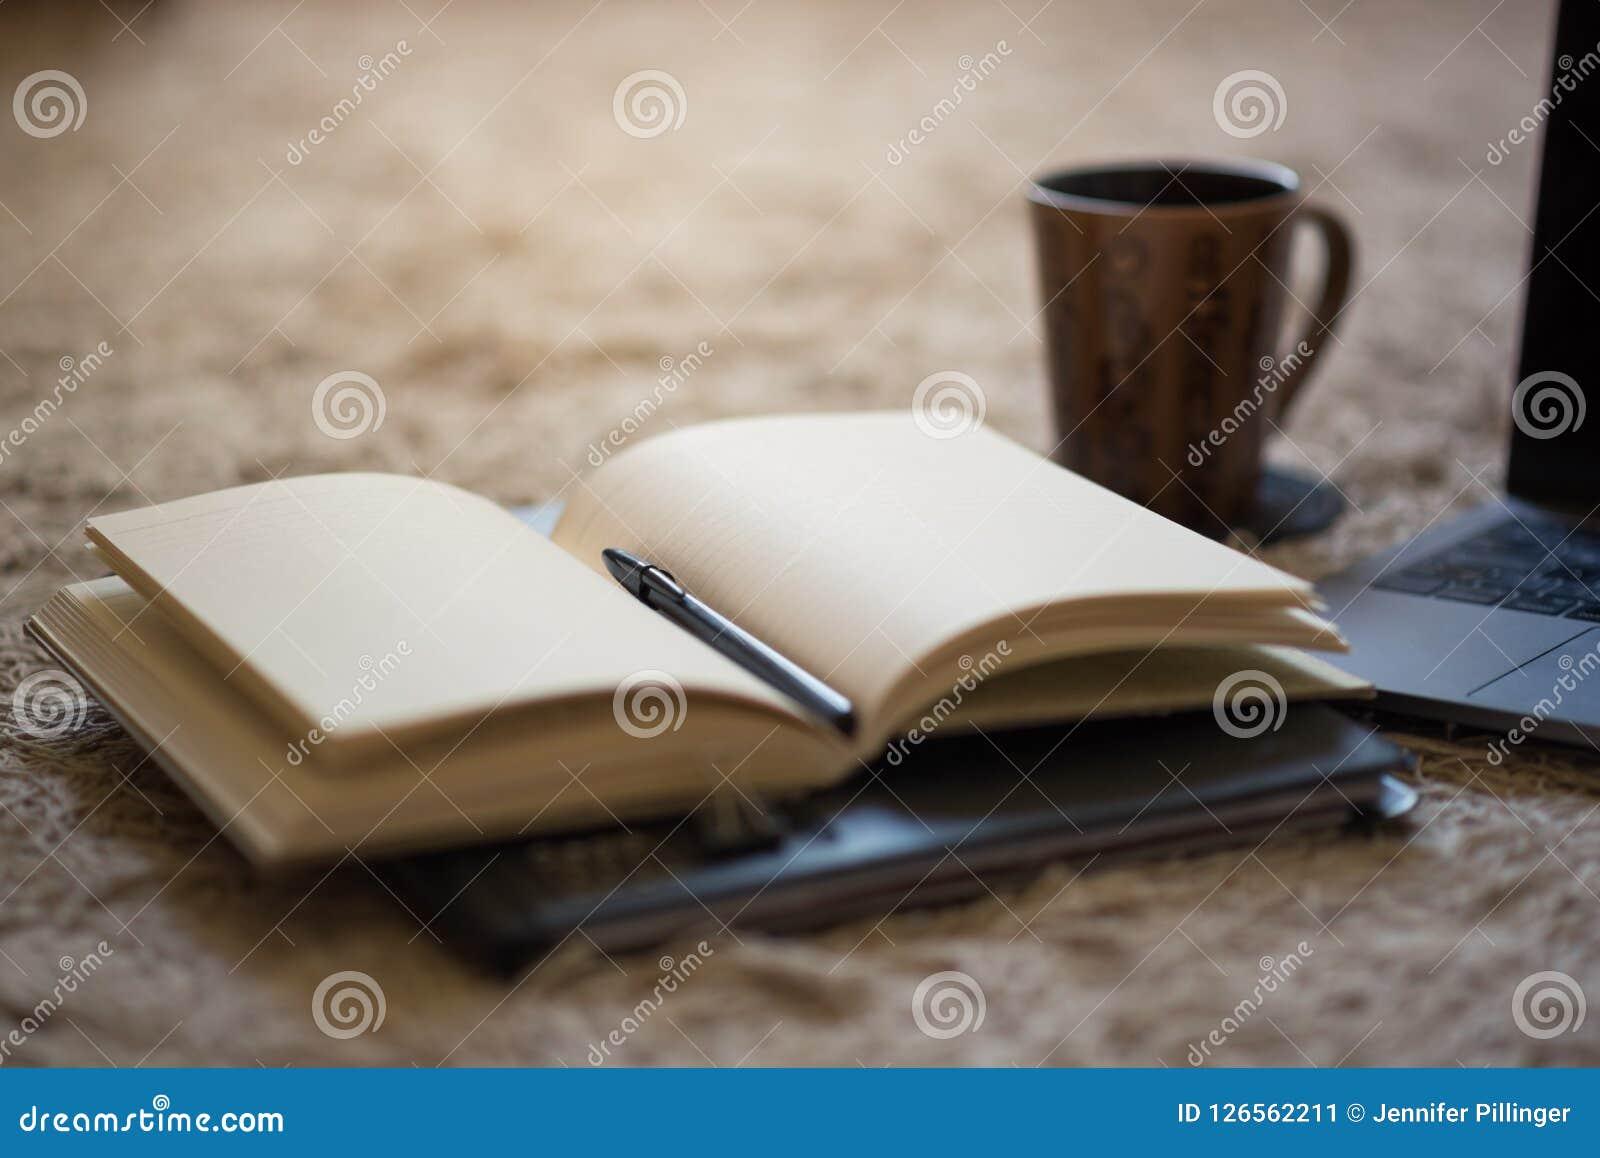 Um jornal aberto com pena e as páginas vazias illuminating claras mornas